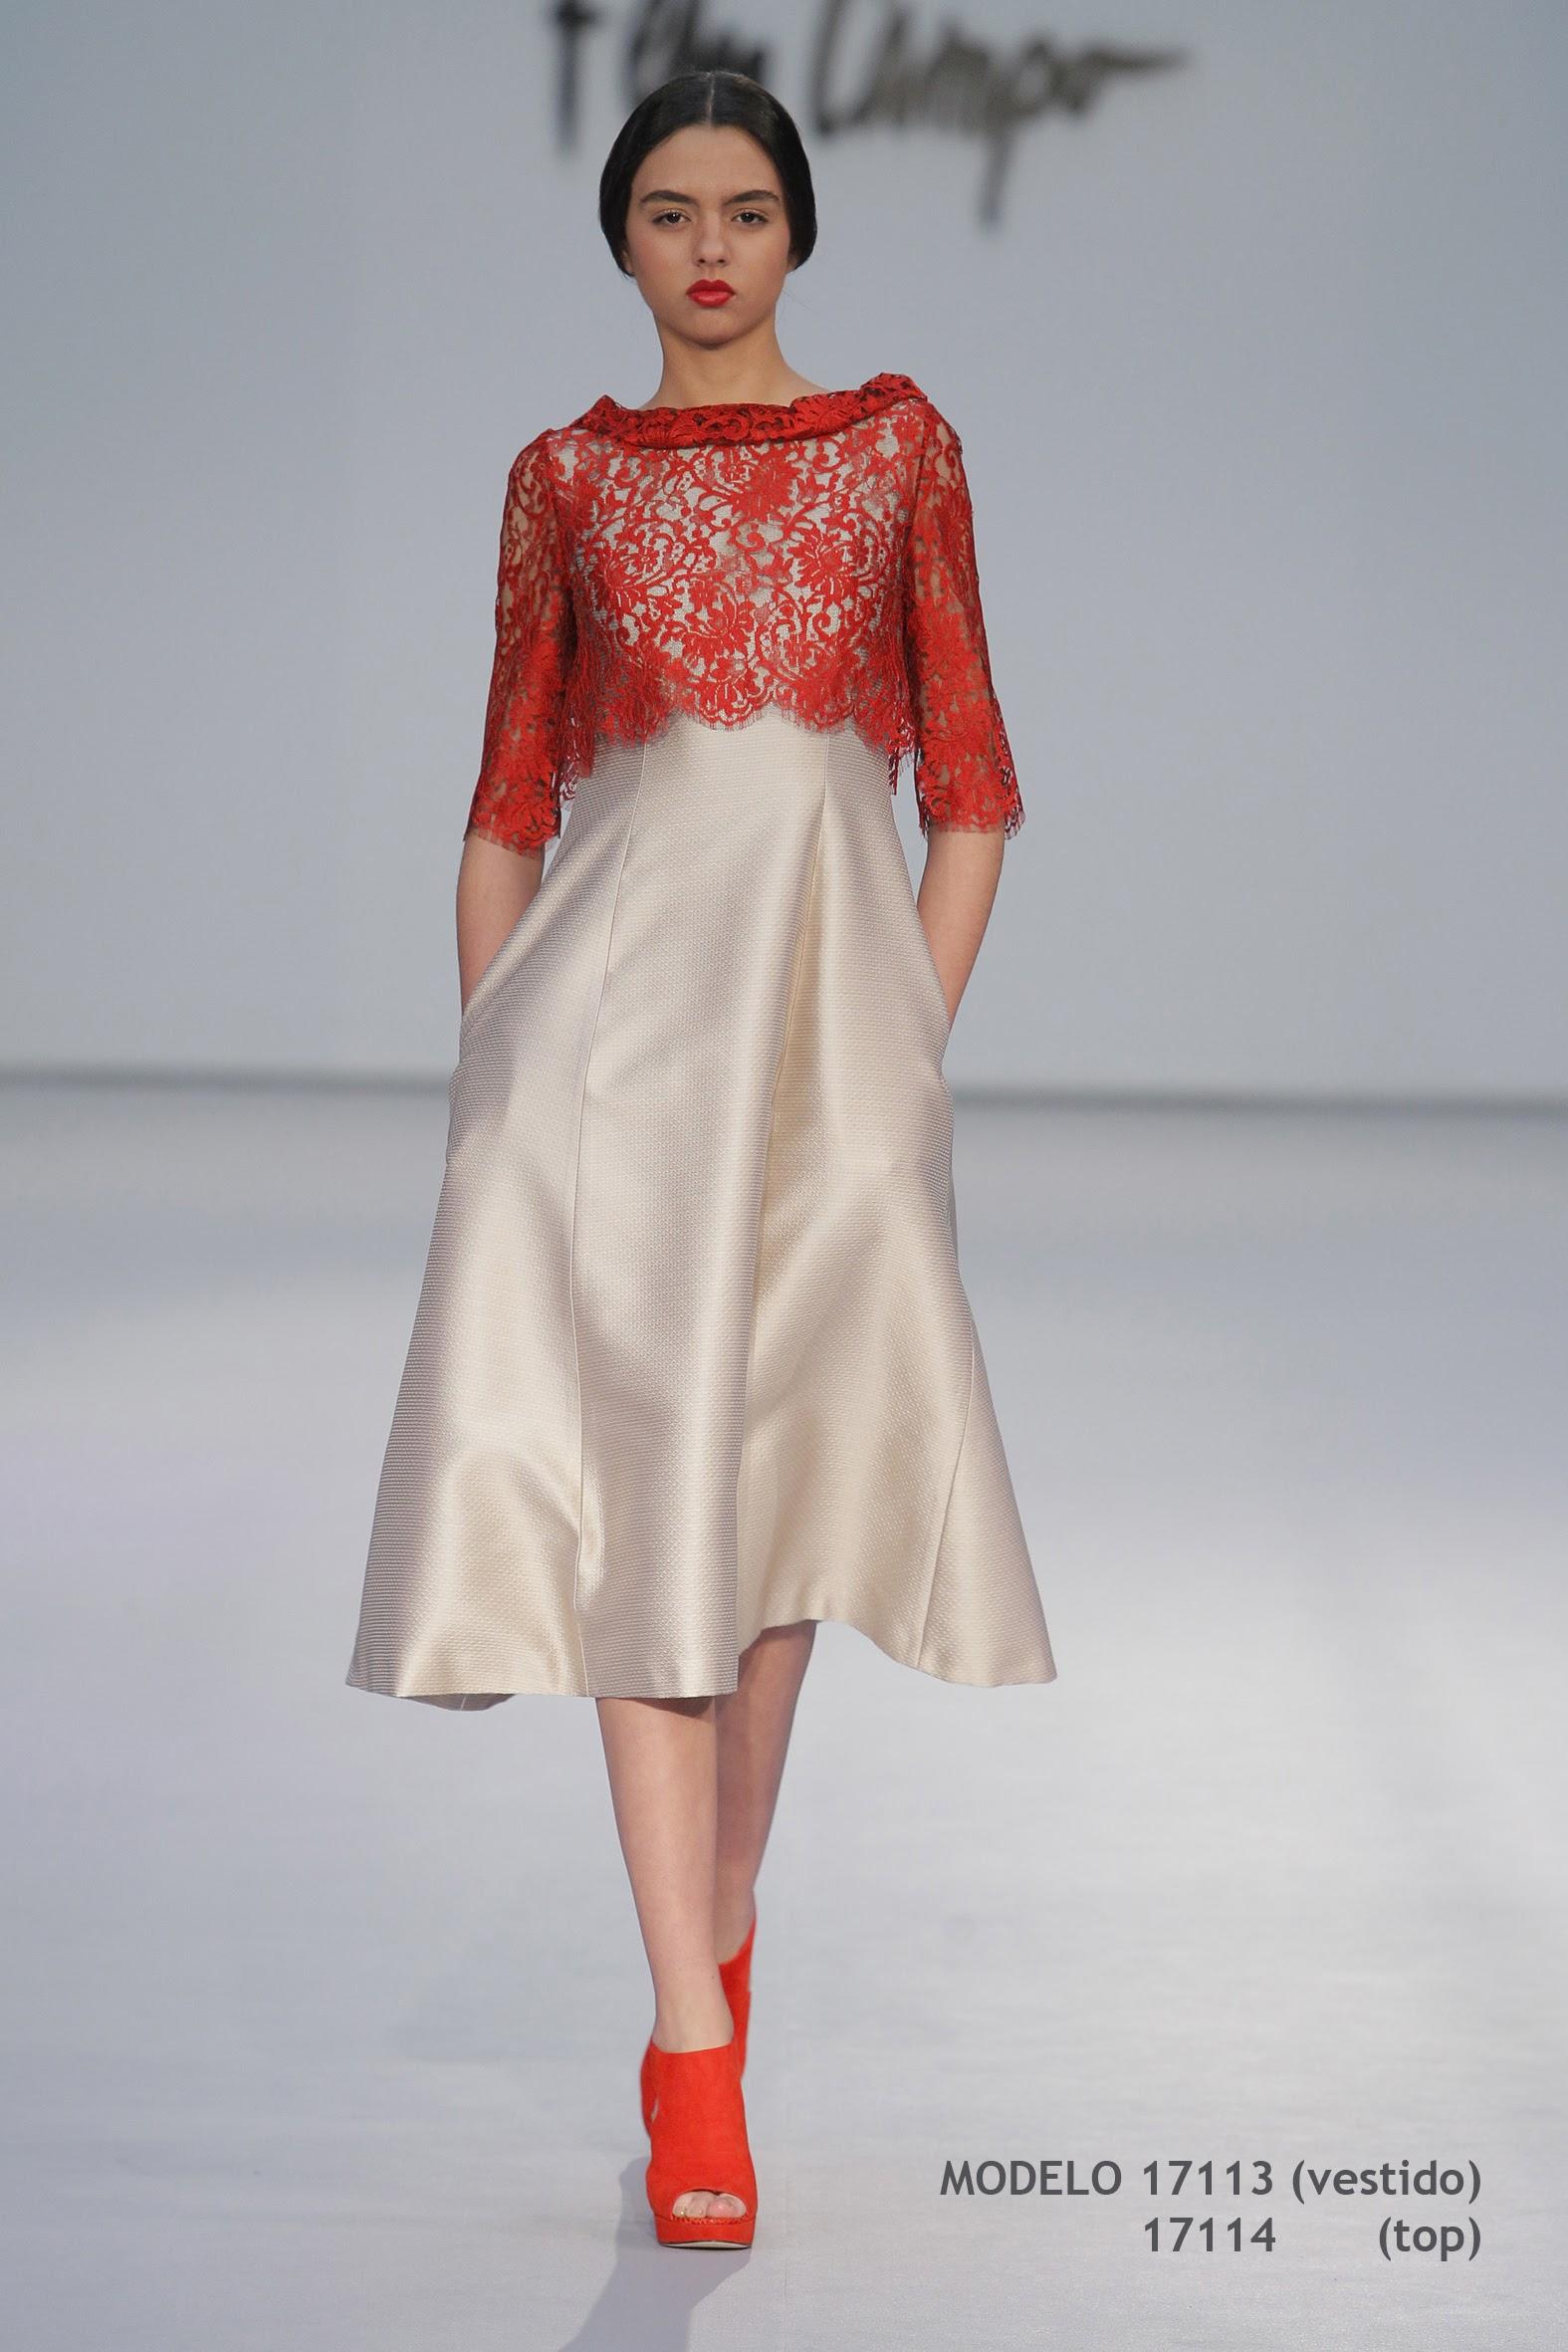 Vestido de novia 17113-17114-a